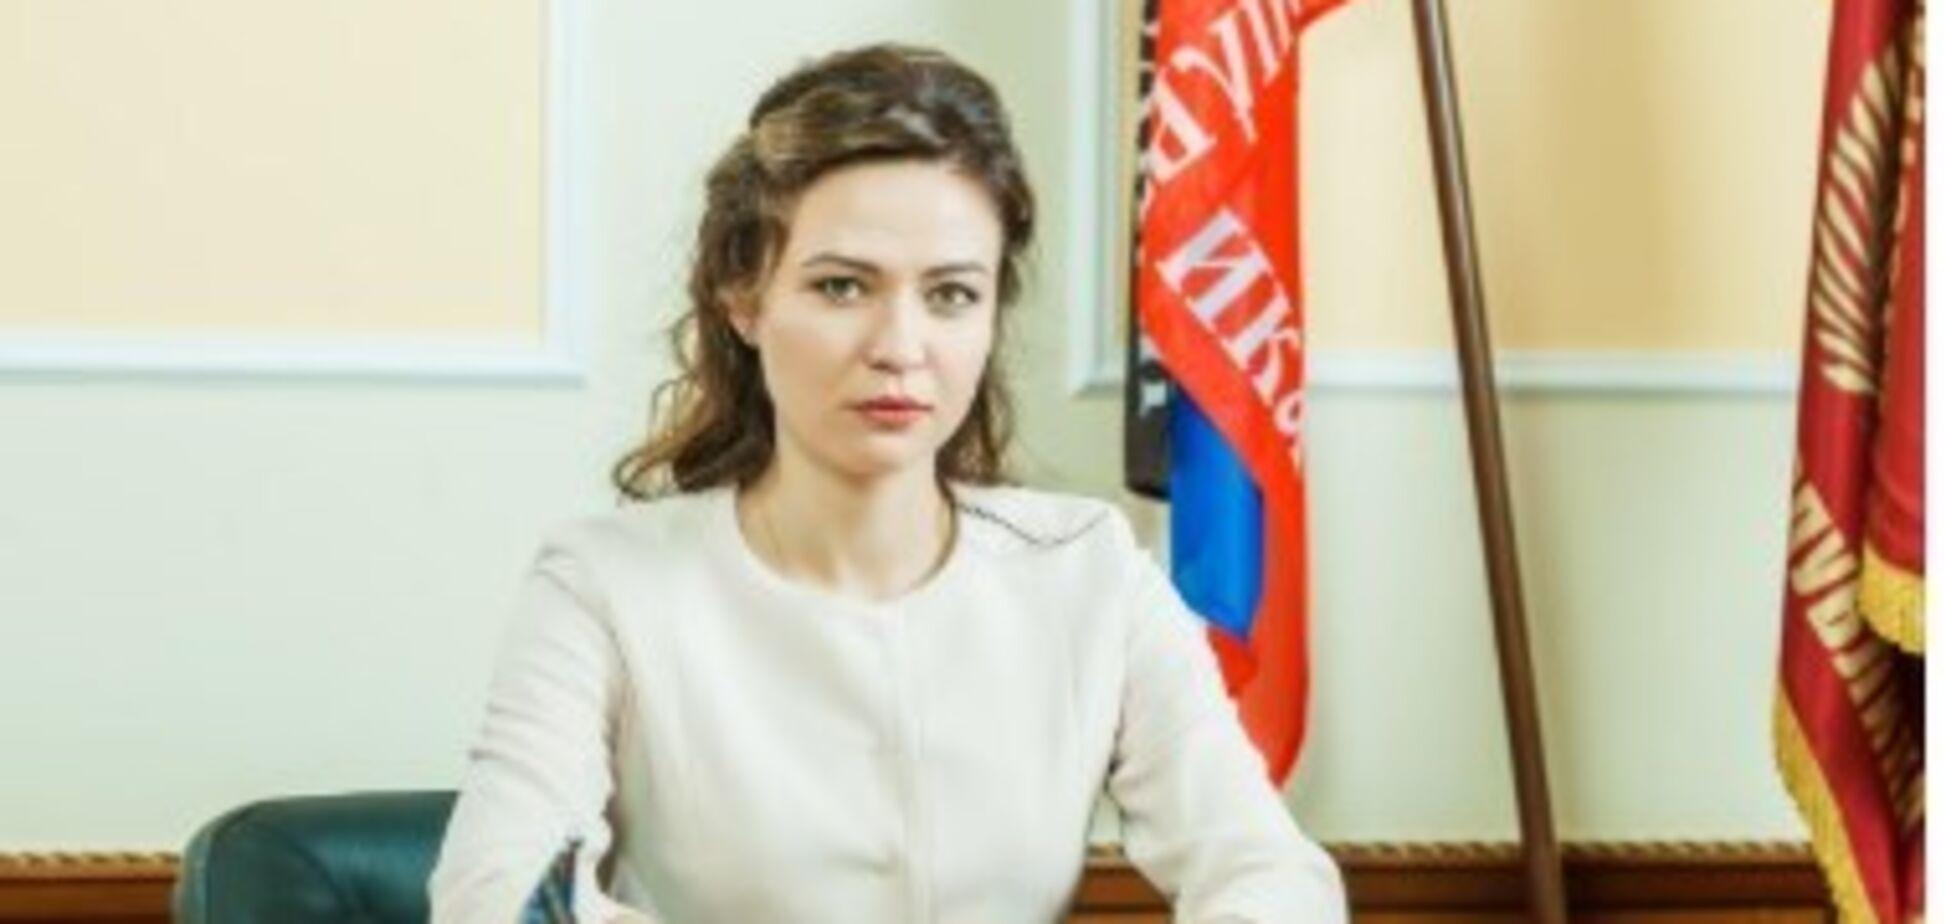 ГПУ оголосила підозри 'главі МЗС' і омбудсмену 'ДНР': усі деталі